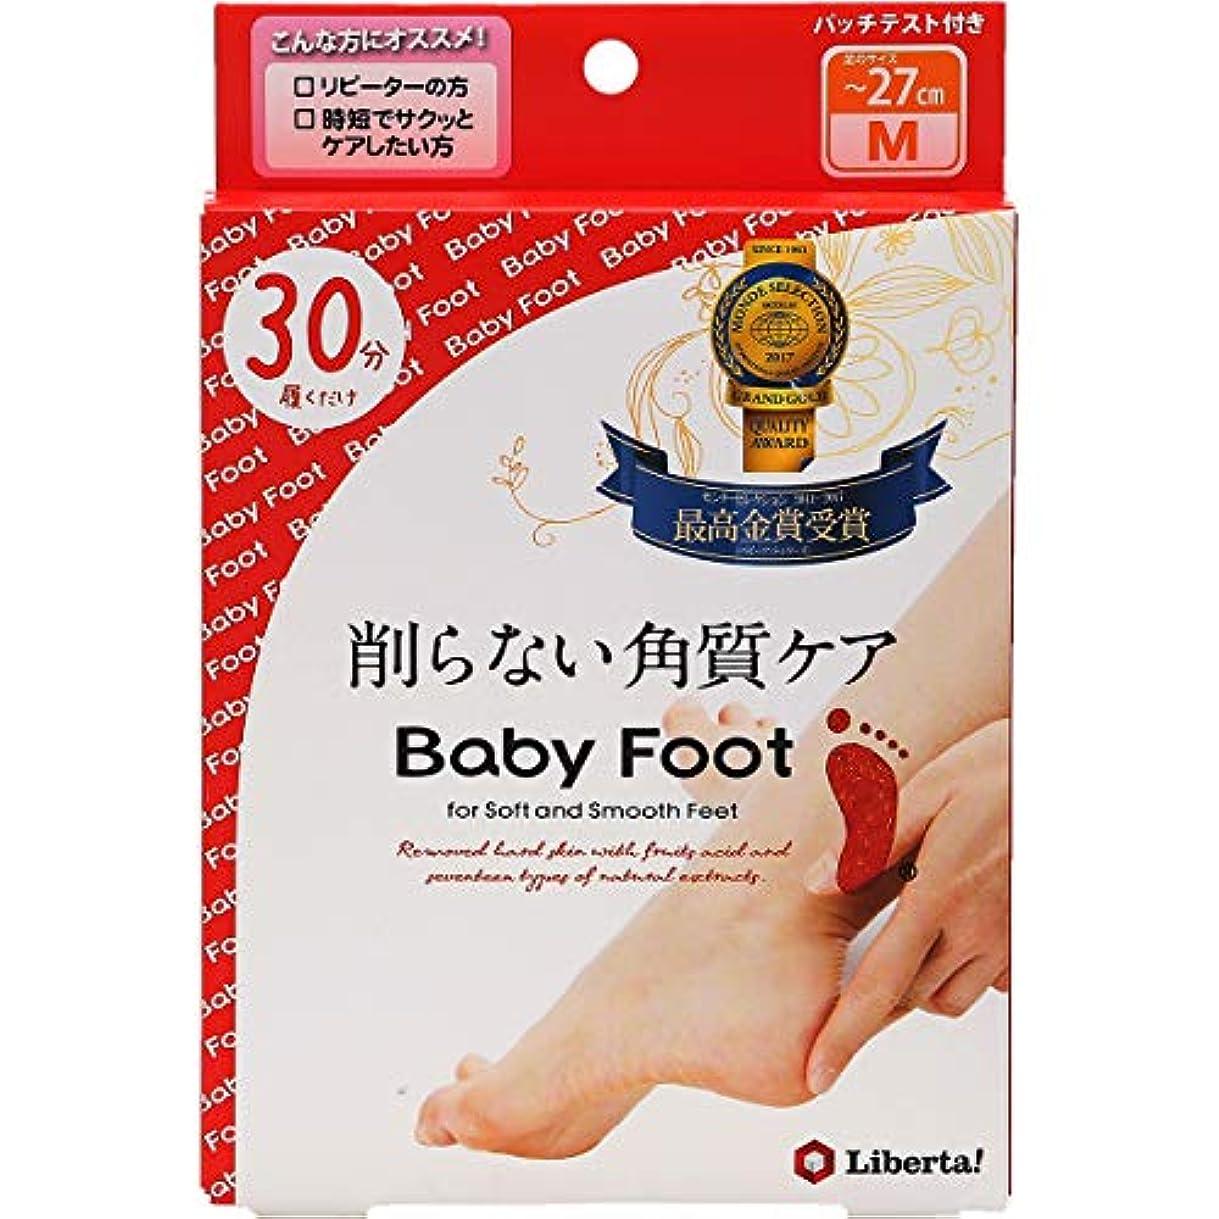 歯科医本土韓国ベビーフット (Baby Foot) ベビーフット イージーパック30分タイプ Mサイズ 単品